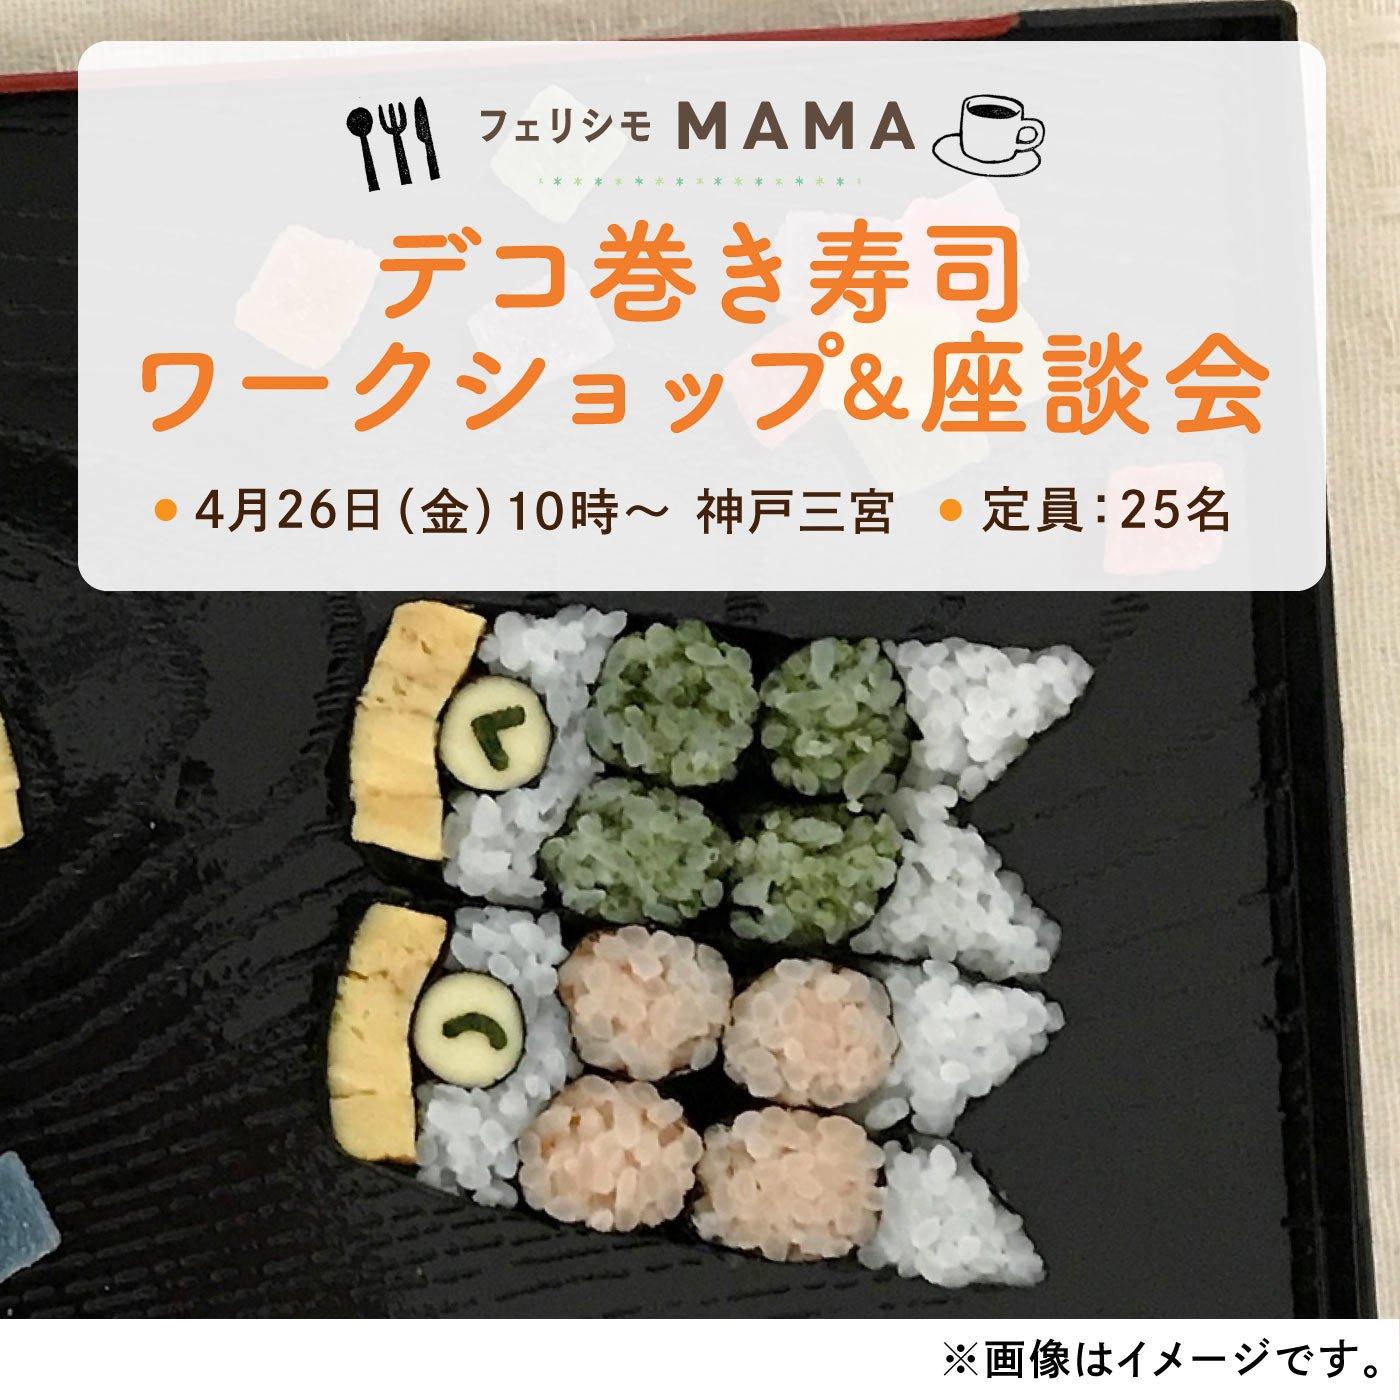 〈フェリシモMAMA〉2019年4月26日(金)デコ巻き寿司ワークショップ&座談会